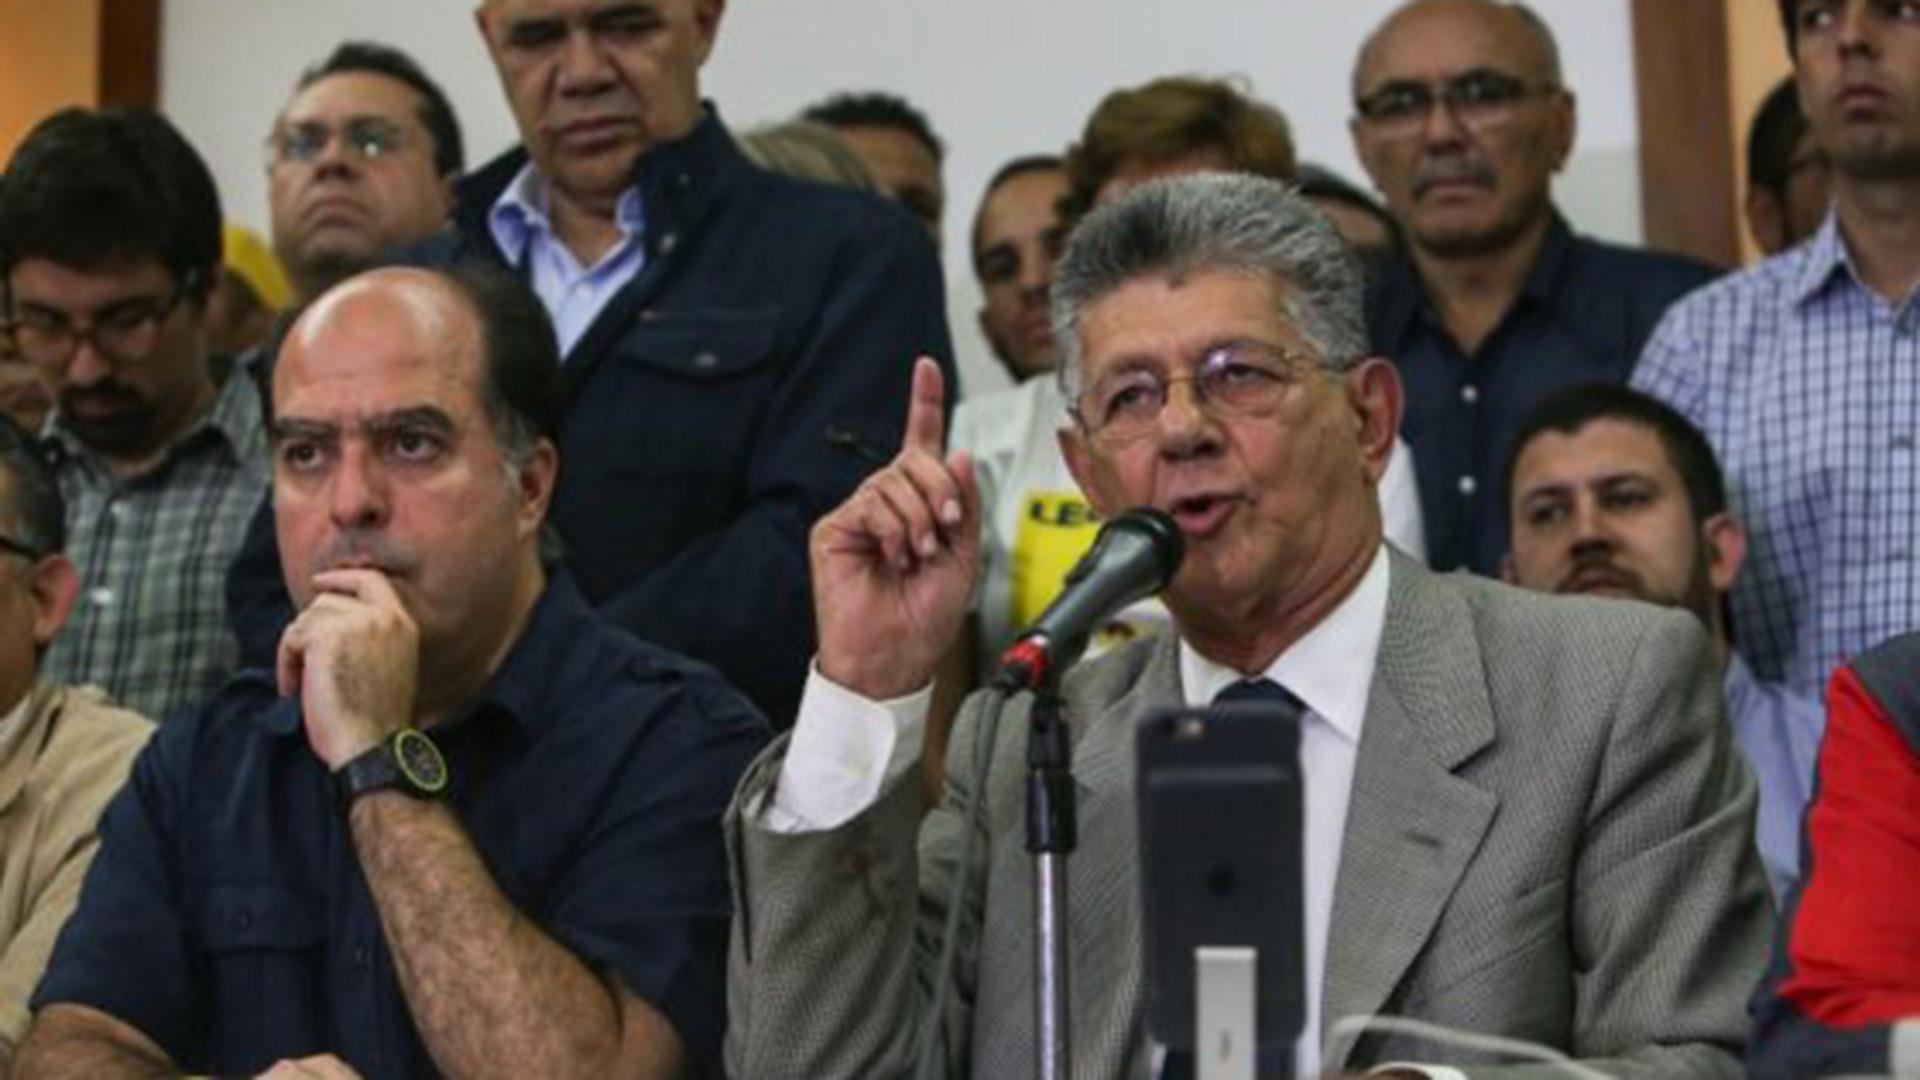 Julio Borges y Henry Ramos Allup, miembros de la oposición